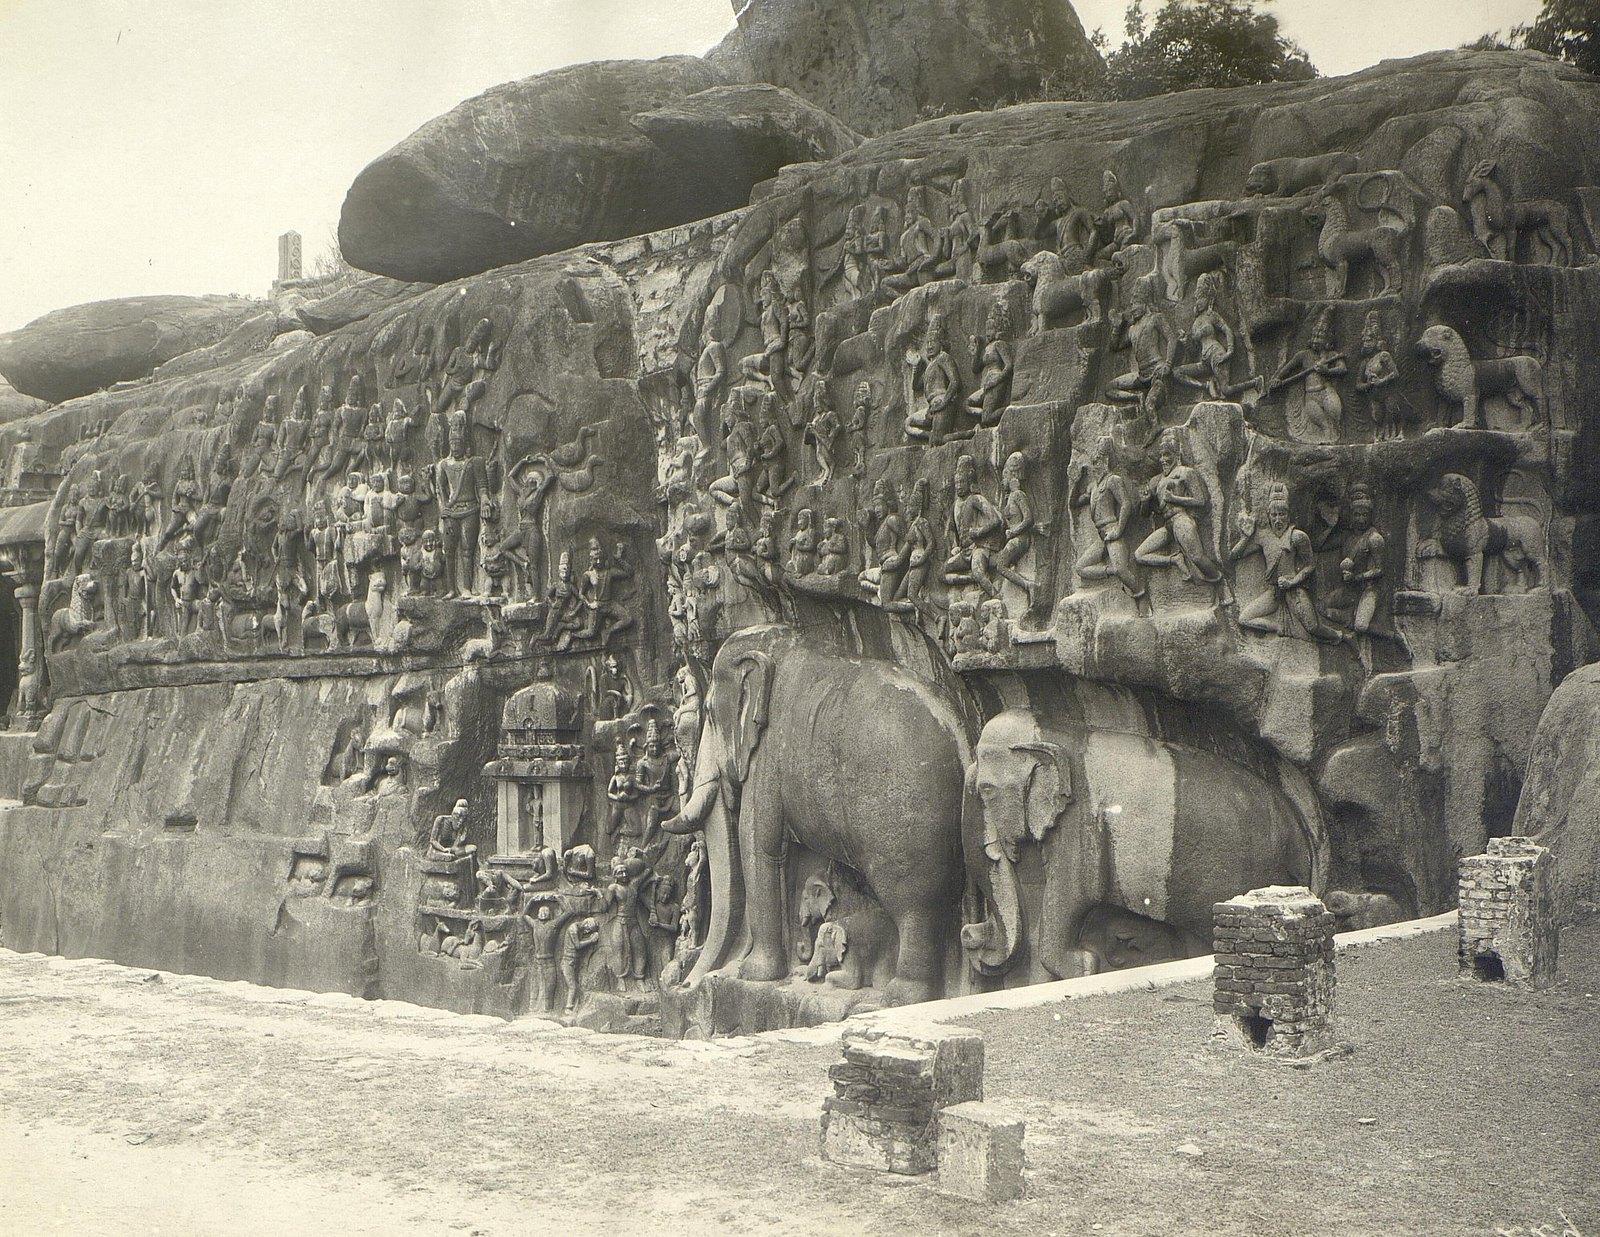 Мамаллапур (скала с рельефными изображениями)3